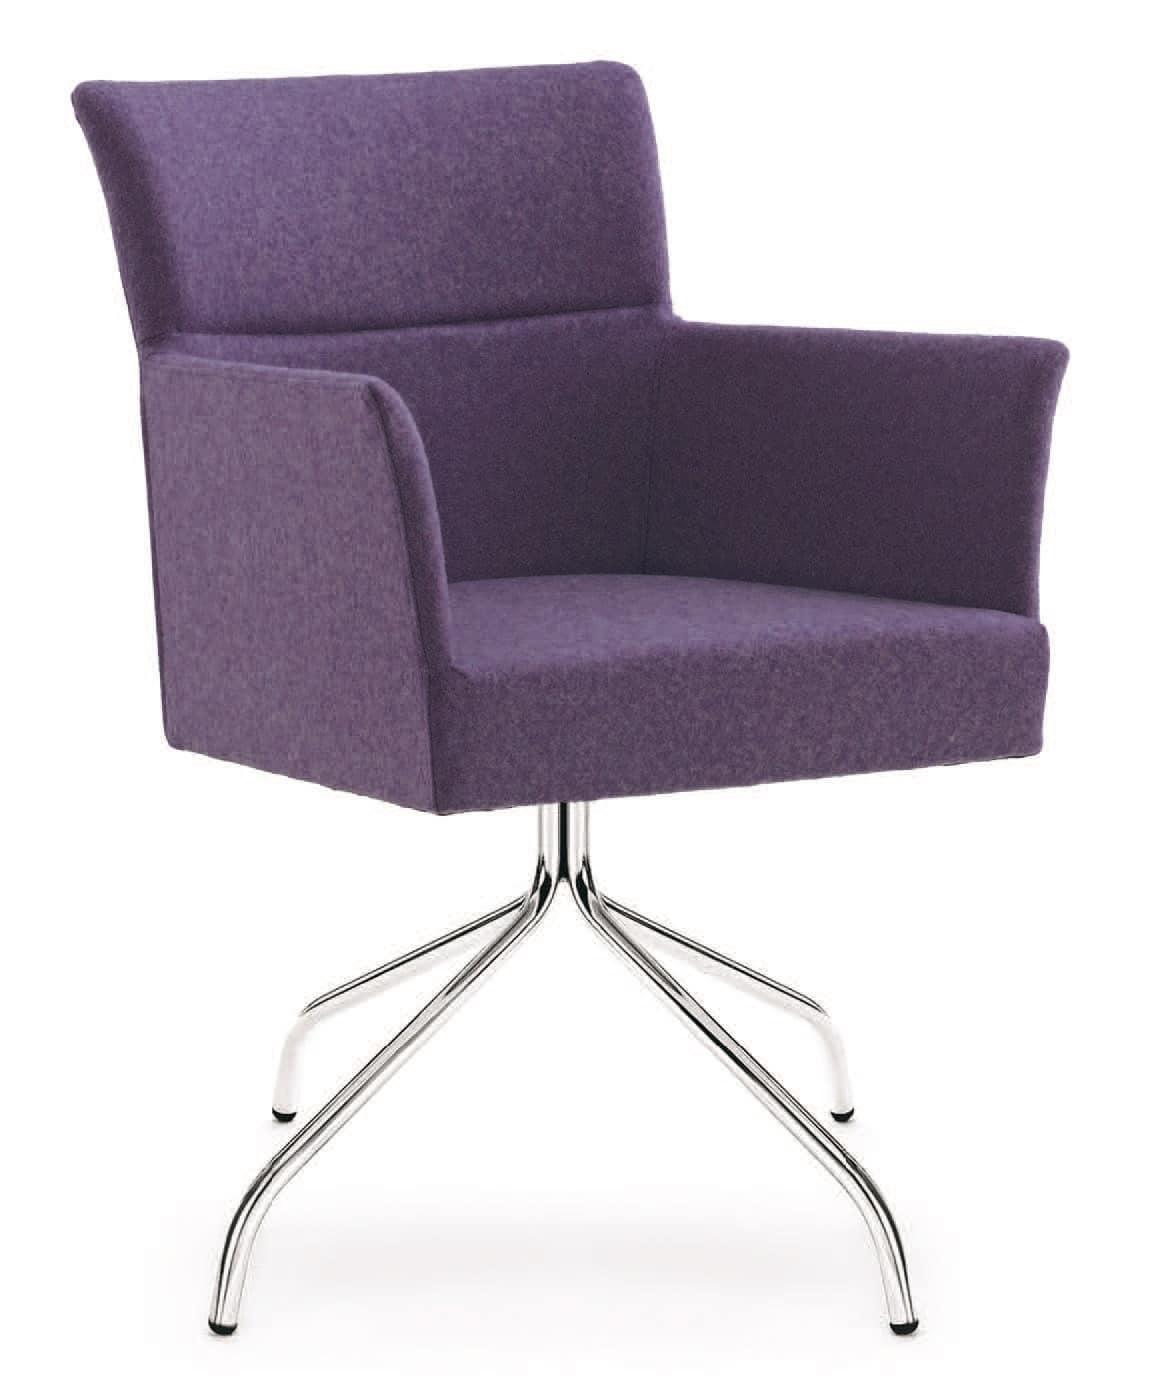 PL 5007, Sessel mit Gestell aus verchromtem Stahl, in verschiedenen Farben